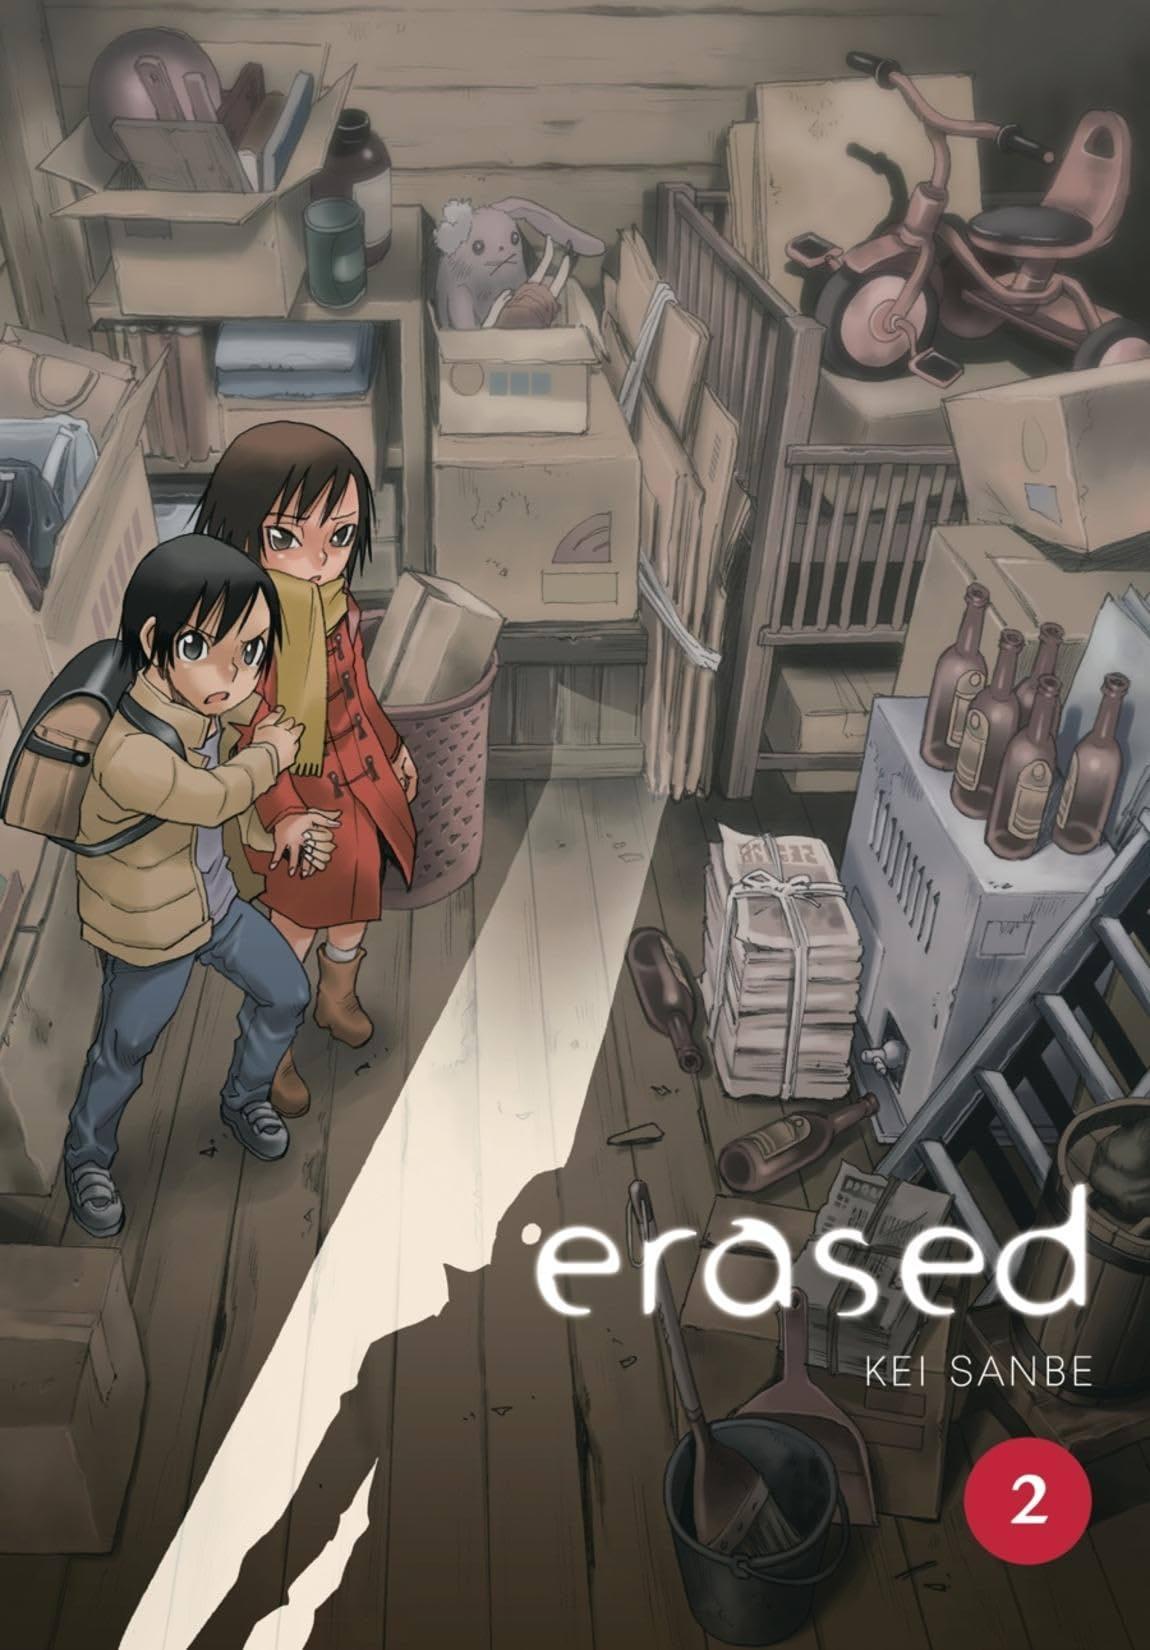 Erased Vol. 2